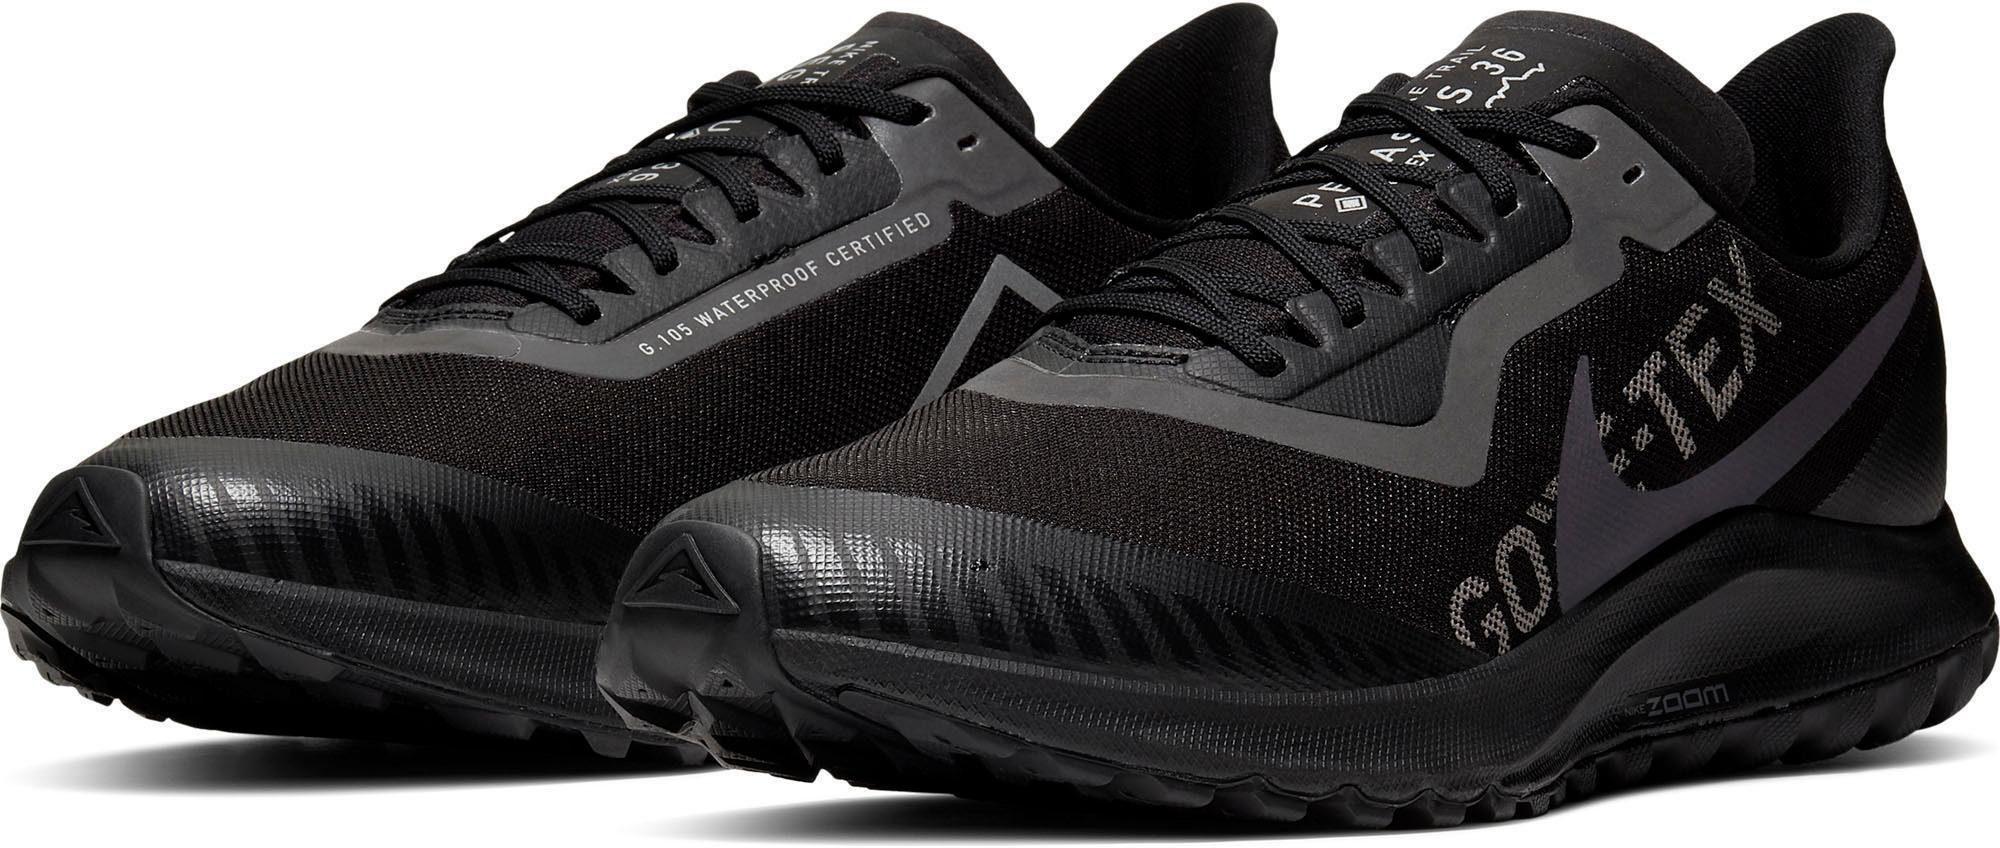 Nike »Pegasus 36 Trail Goretex« Laufschuh kaufen | OTTO